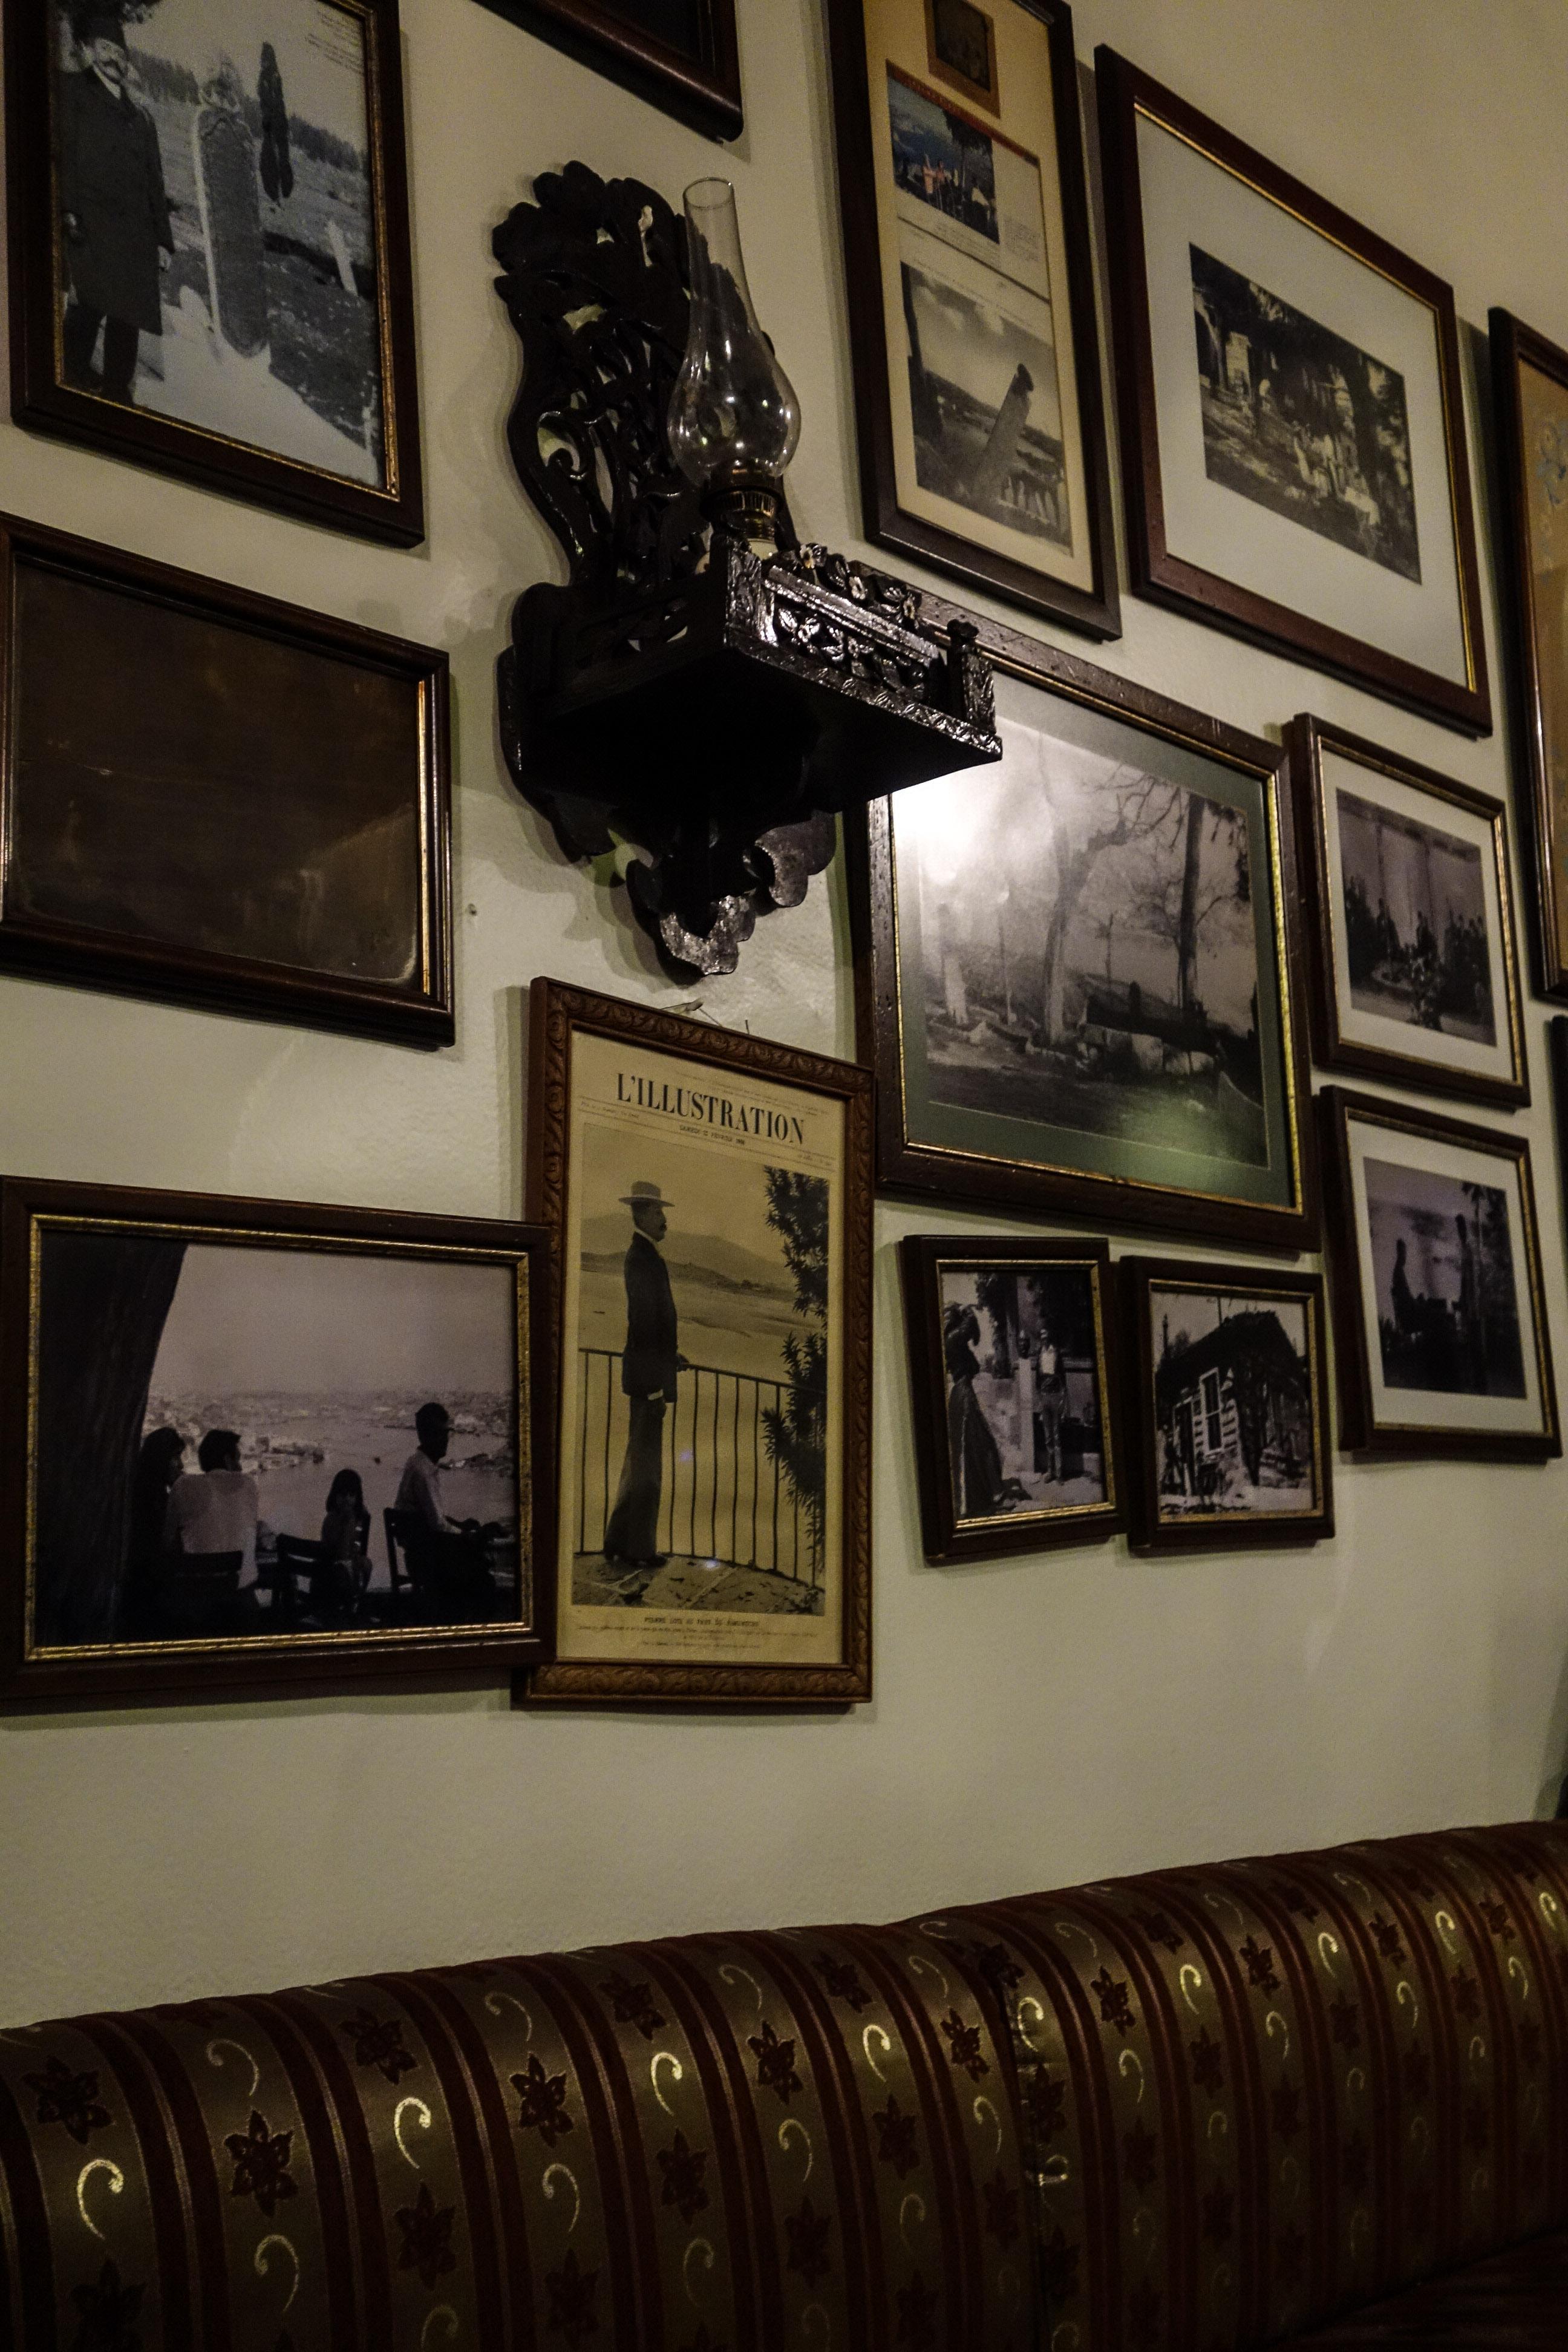 Interno del Cafè Pierre Loti, che si trova al centro del cimitero Turgay Hantal Mezarlık